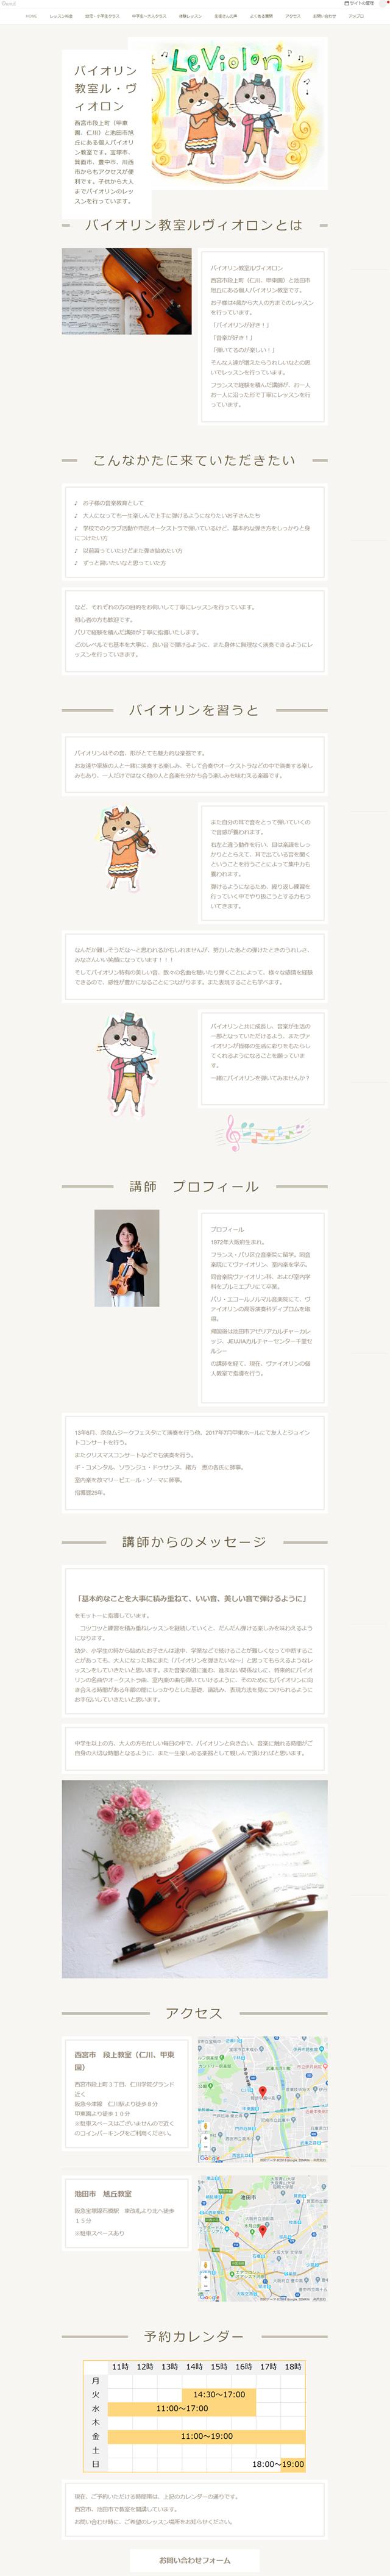 ホームページ作成講座:バイオリン教室ル・ヴィオロンさま(トップページ)